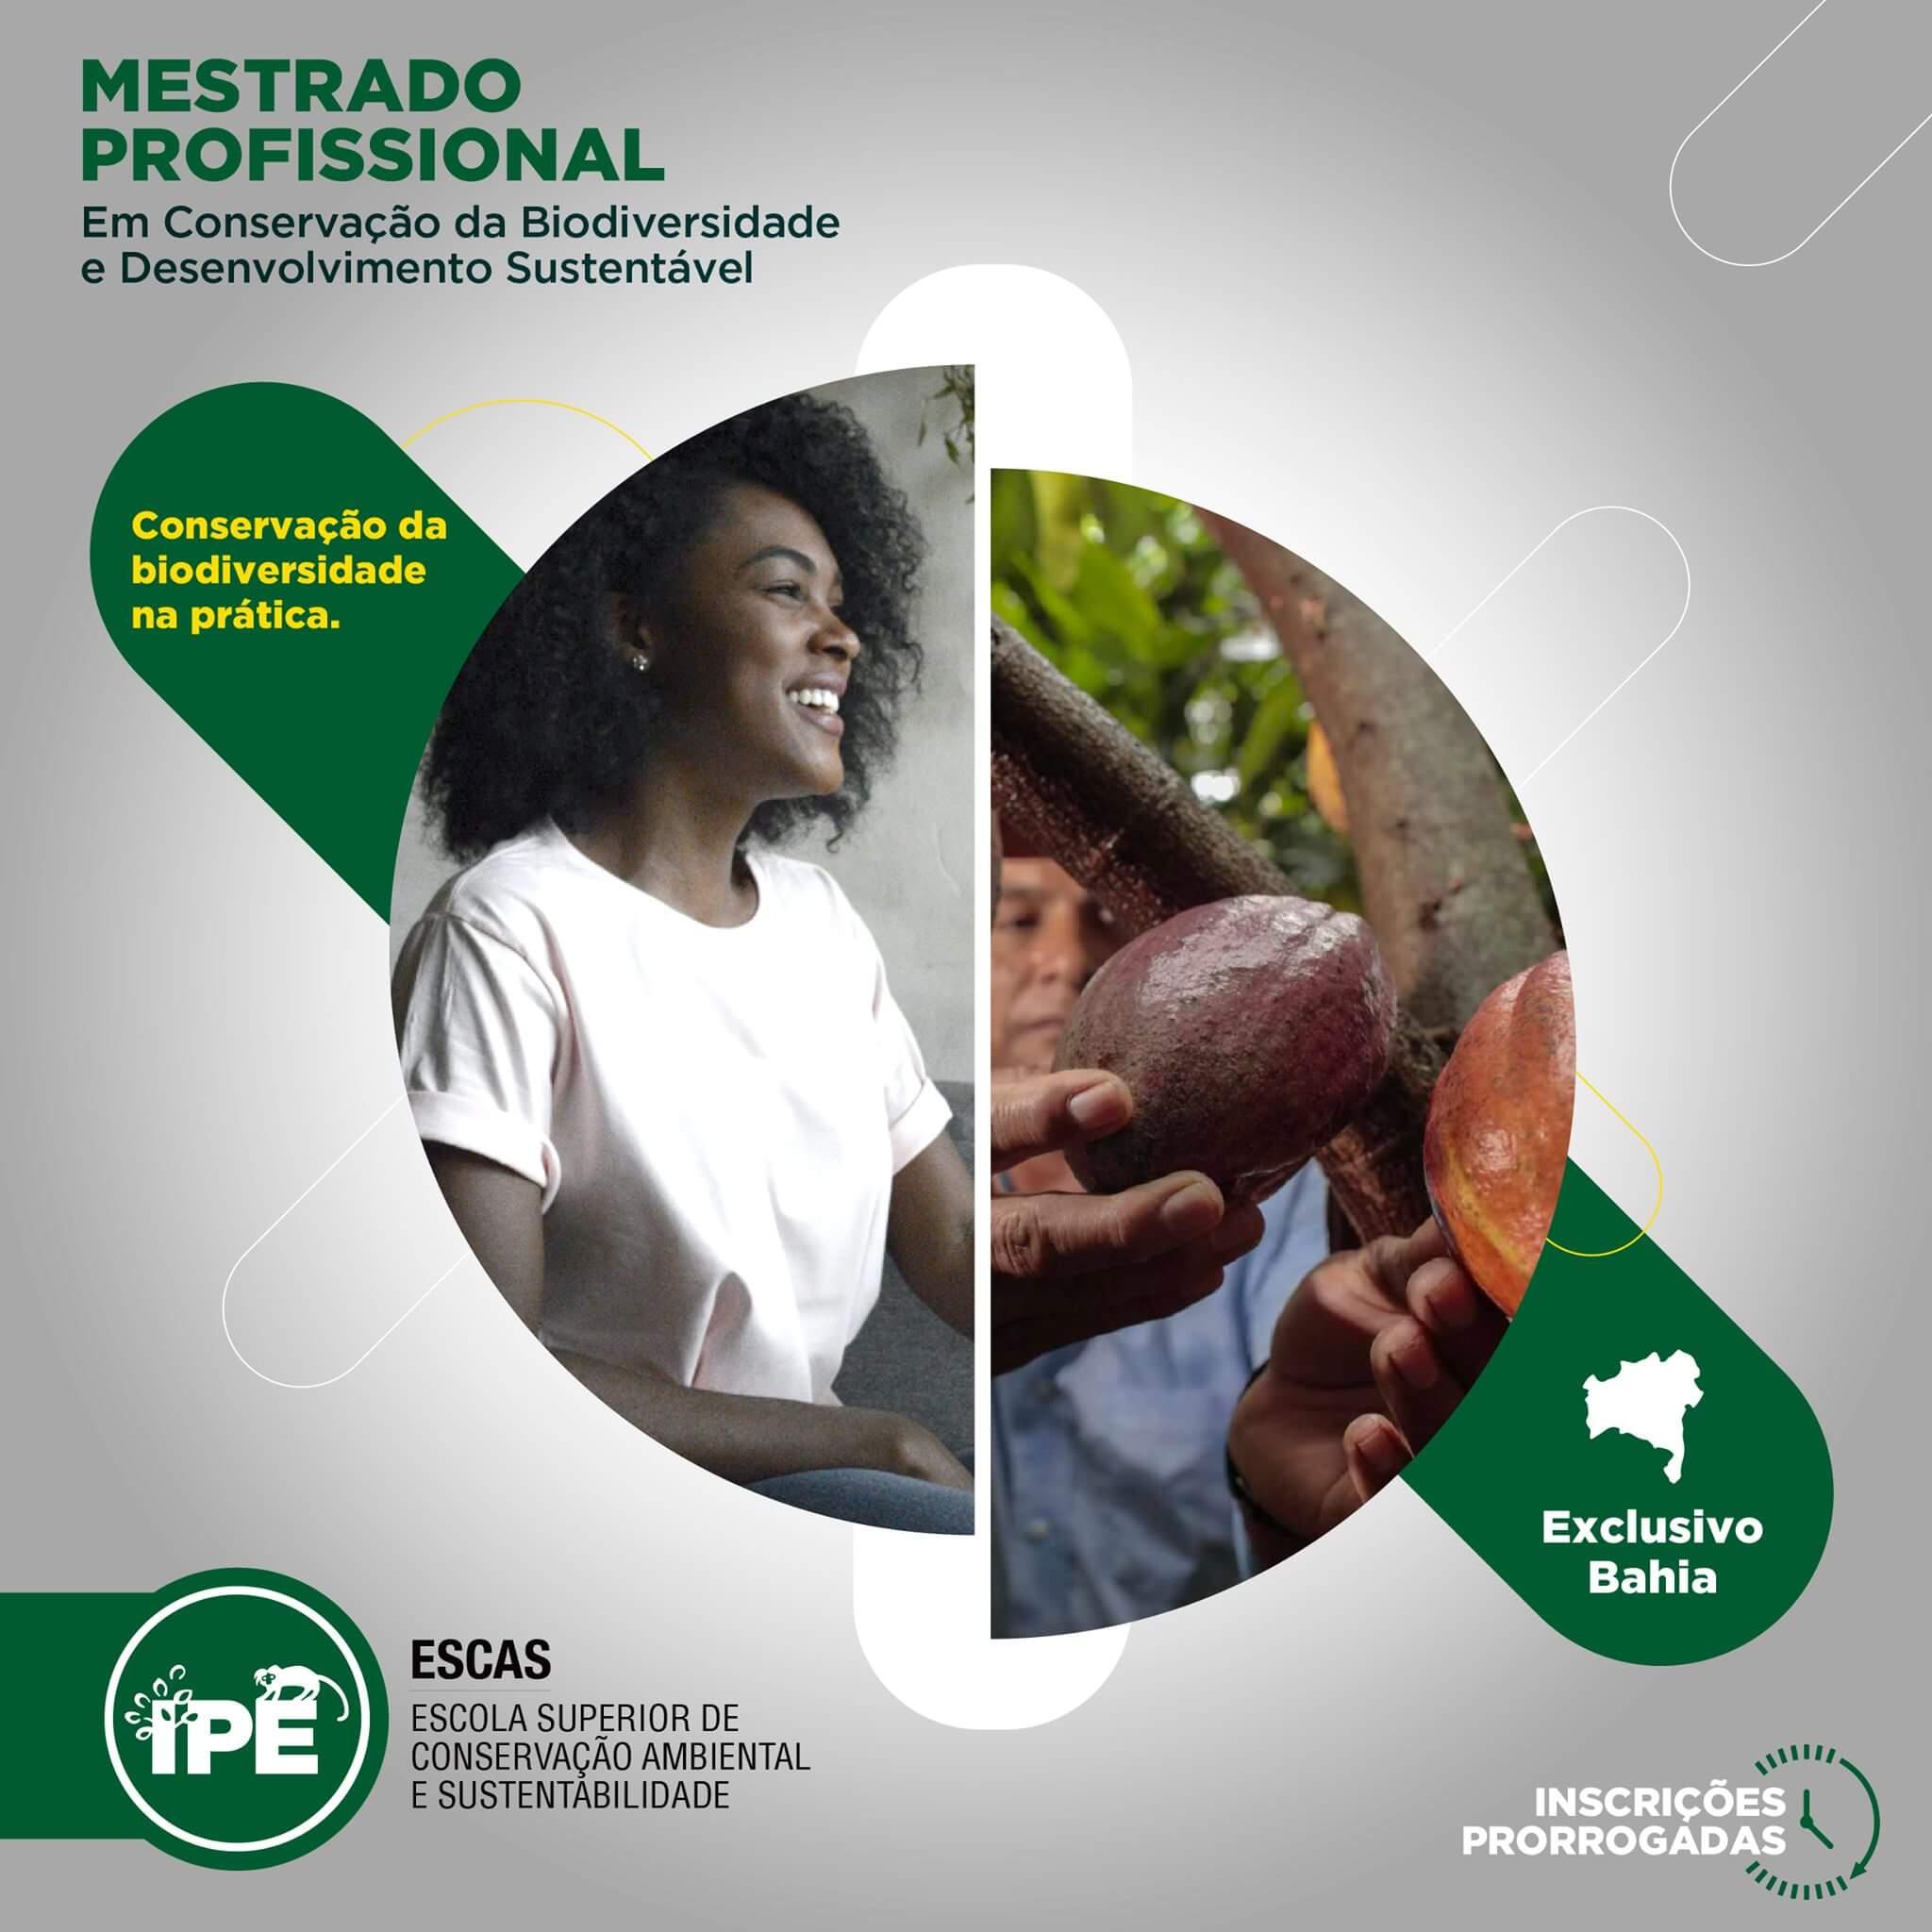 Instituto IPÊ prorroga inscrições para Mestrado Profissional em Conservação da Biodiversidade e Desenvolvimento Sustentável que possui parte presencial realizada na RPPN Estação Veracel 18